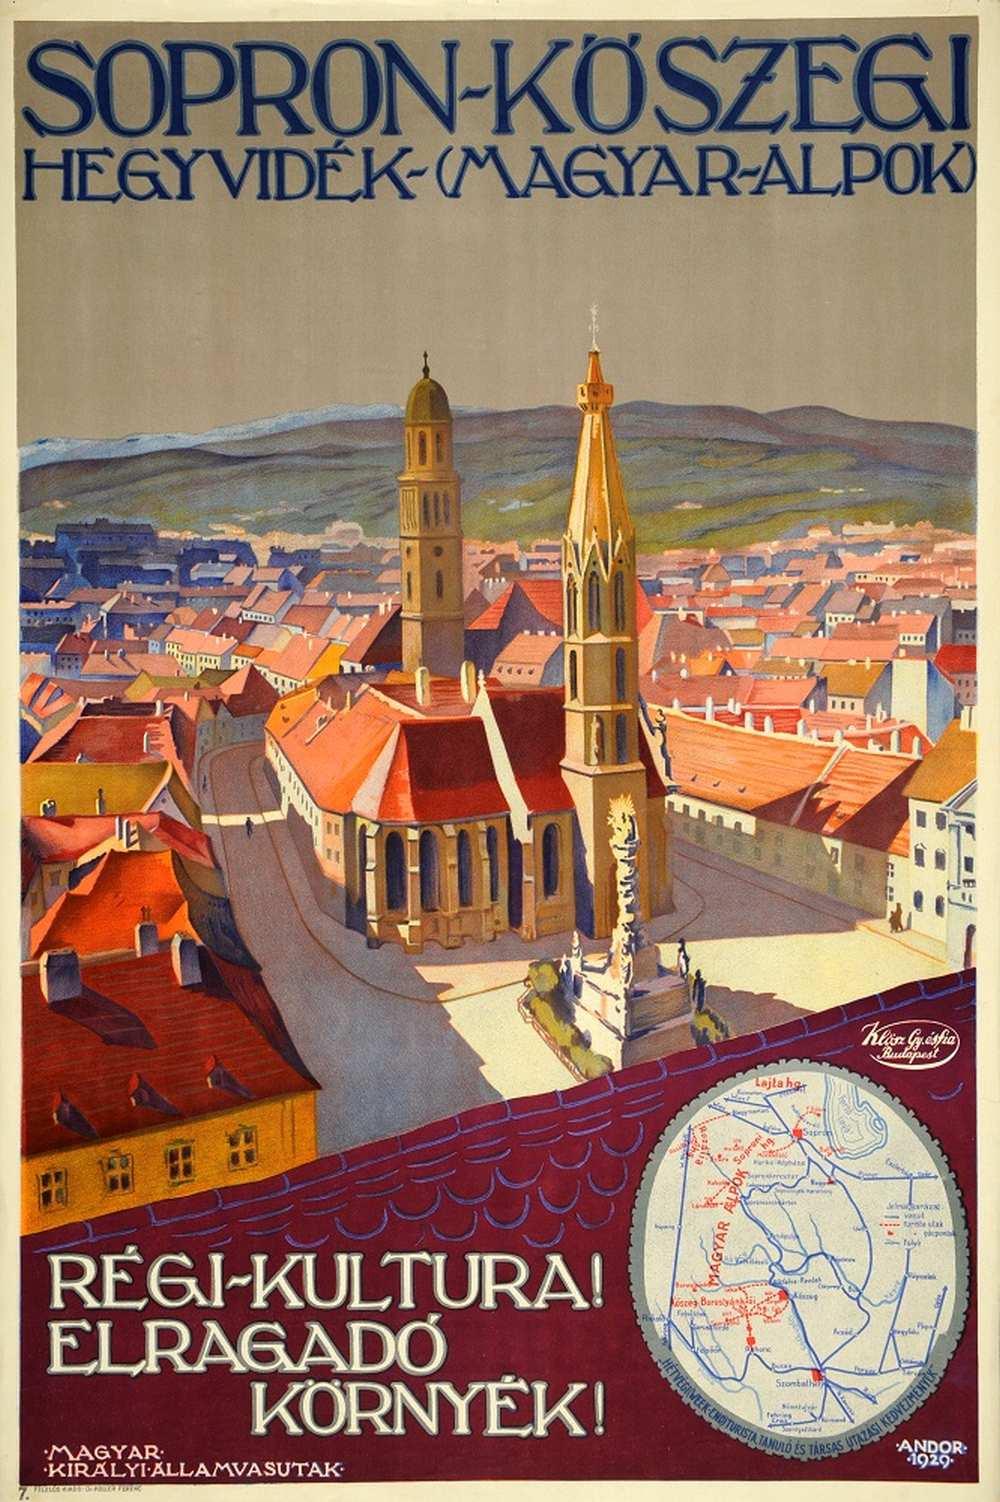 Andor Loránd: Sopron-Kőszegi hegyvidék (Magyar Alpok) (1929). Jelzet: PKG.1929/208 – Térkép-, Plakát- és Kisnyomtatványtár http://nektar.oszk.hu/hu/manifestation/2789226